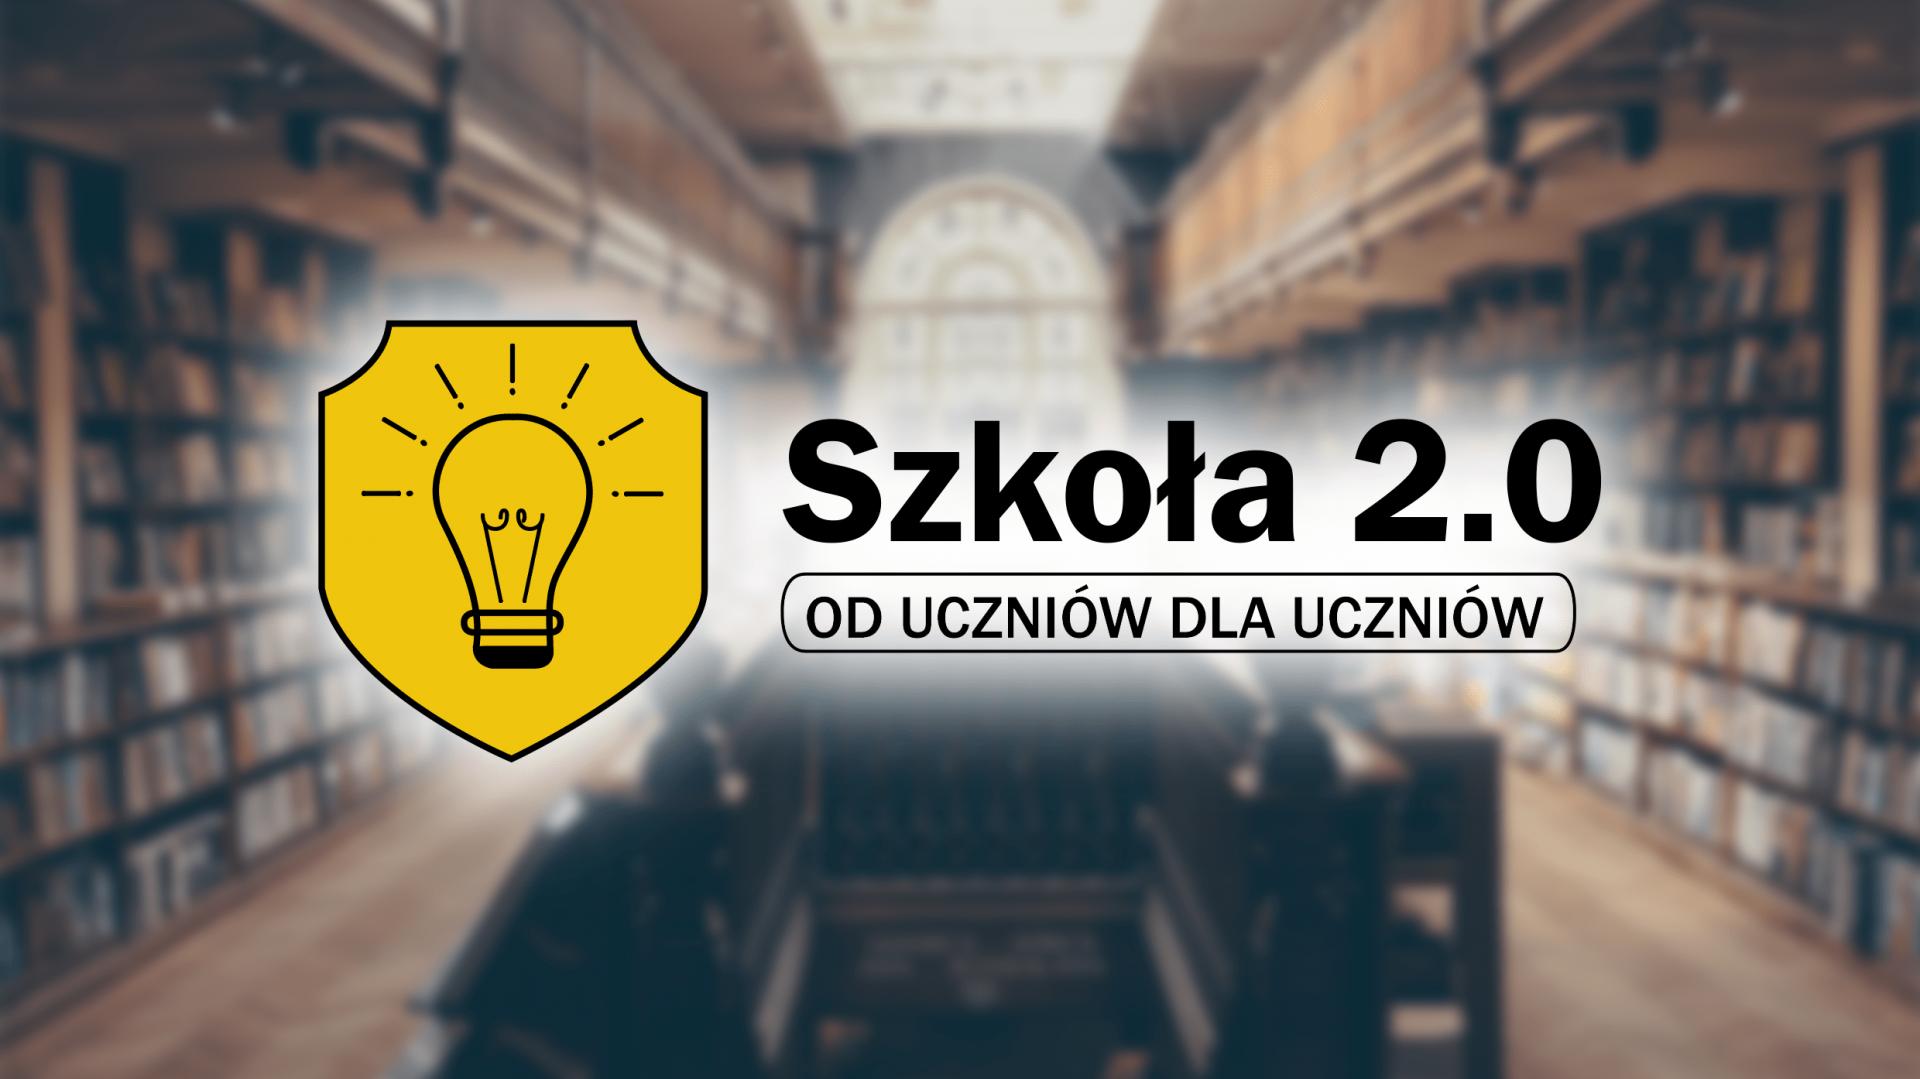 Szkoła 2.0